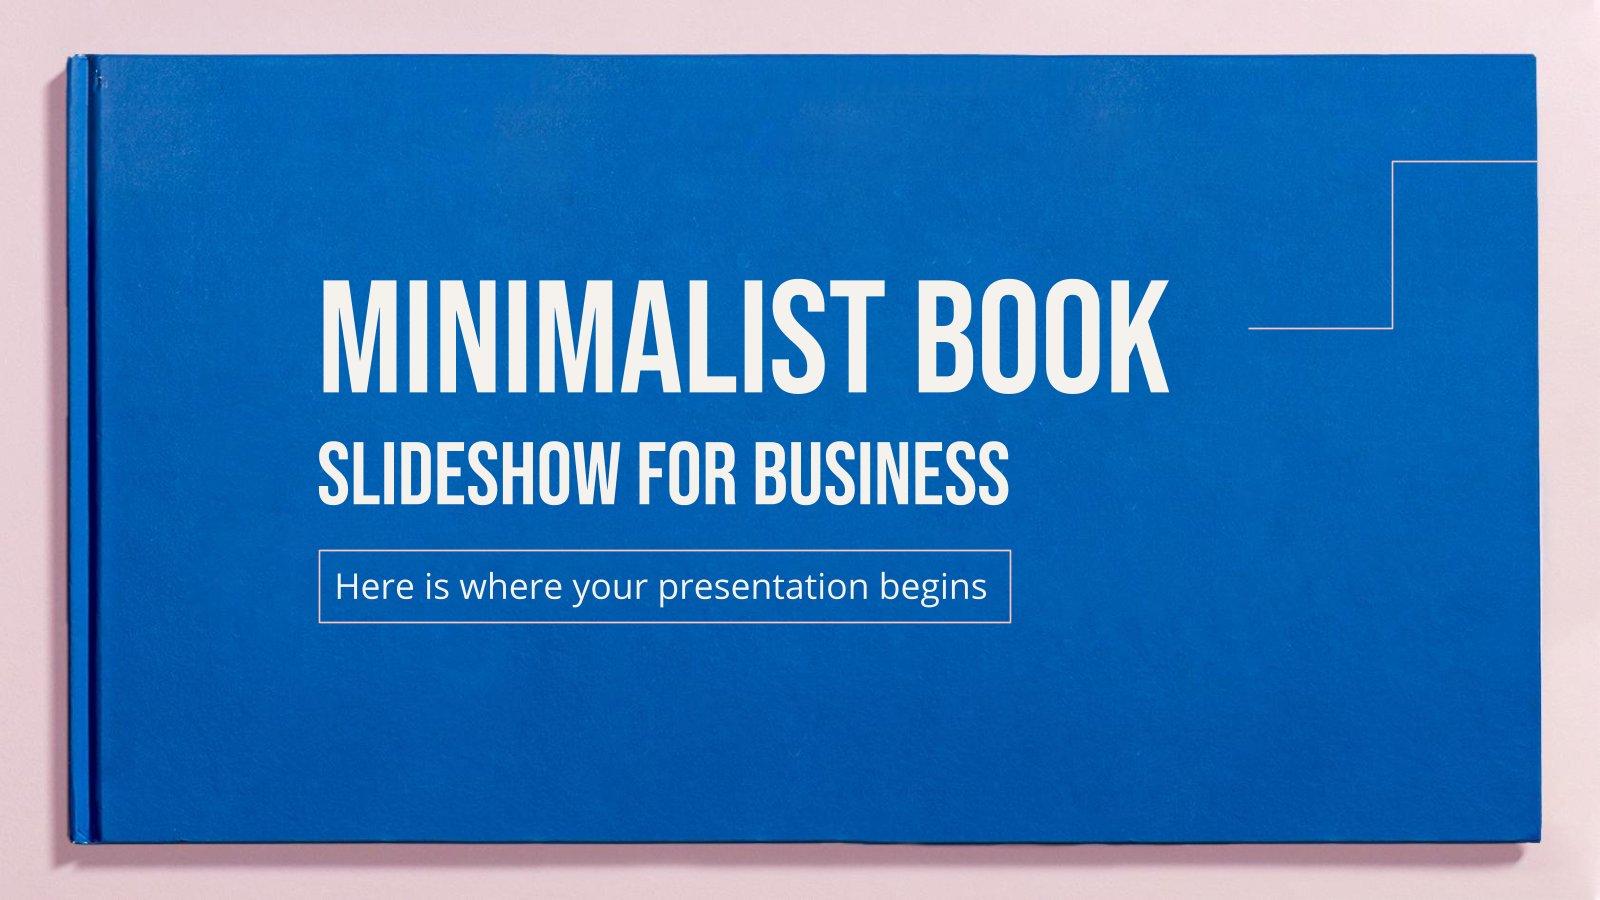 Modelo de apresentação Slideshow de livro minimalista para negócios